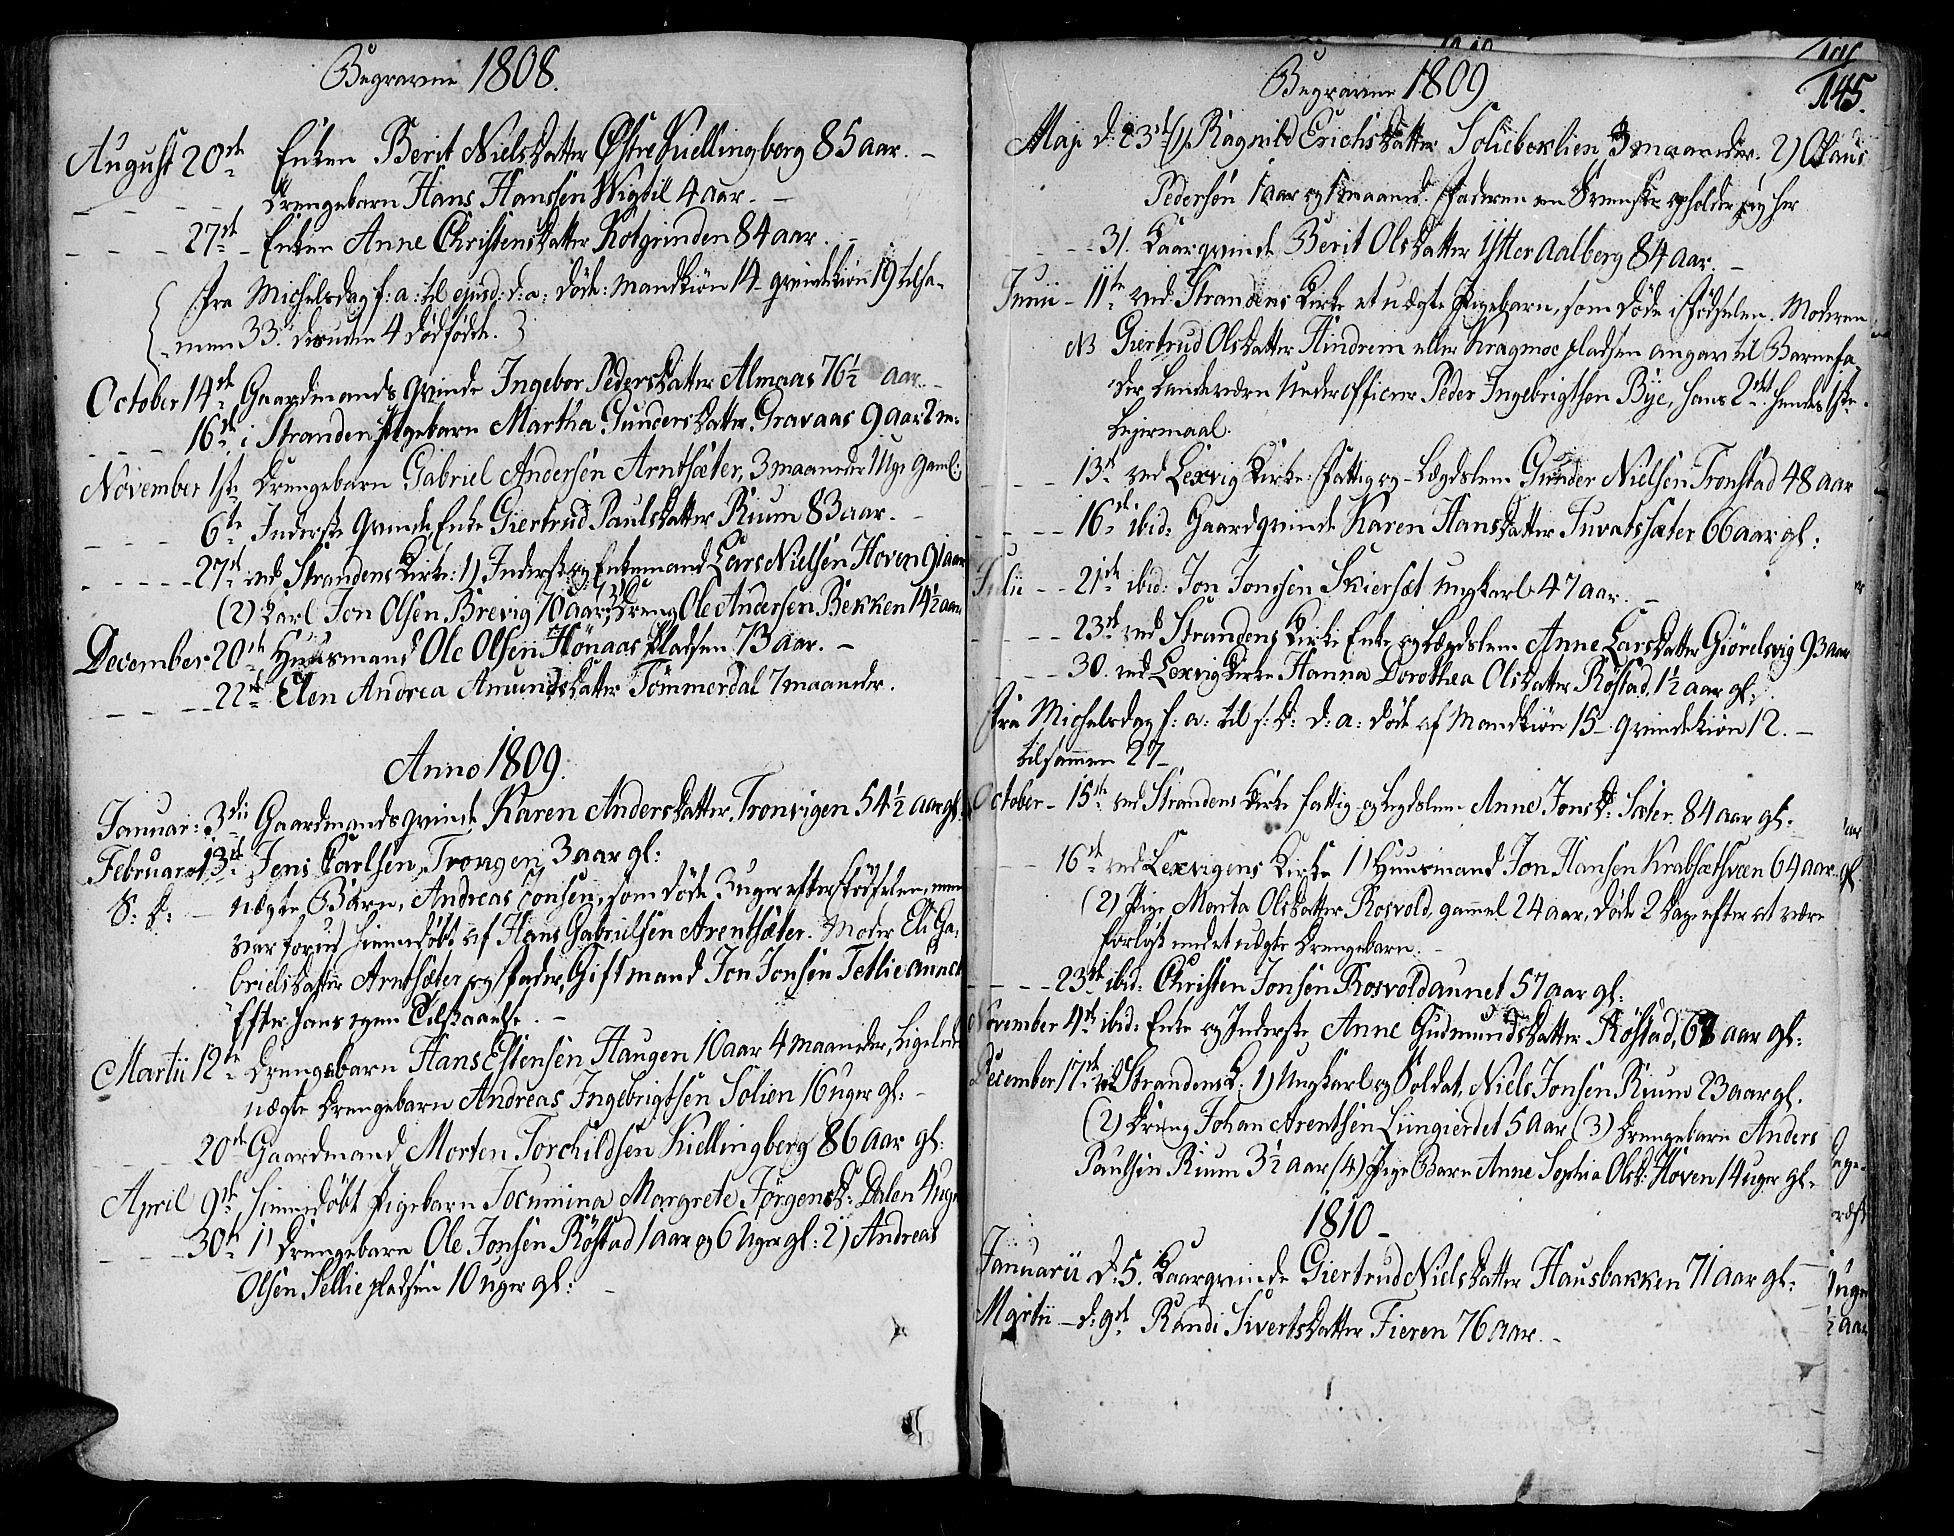 SAT, Ministerialprotokoller, klokkerbøker og fødselsregistre - Nord-Trøndelag, 701/L0004: Ministerialbok nr. 701A04, 1783-1816, s. 145